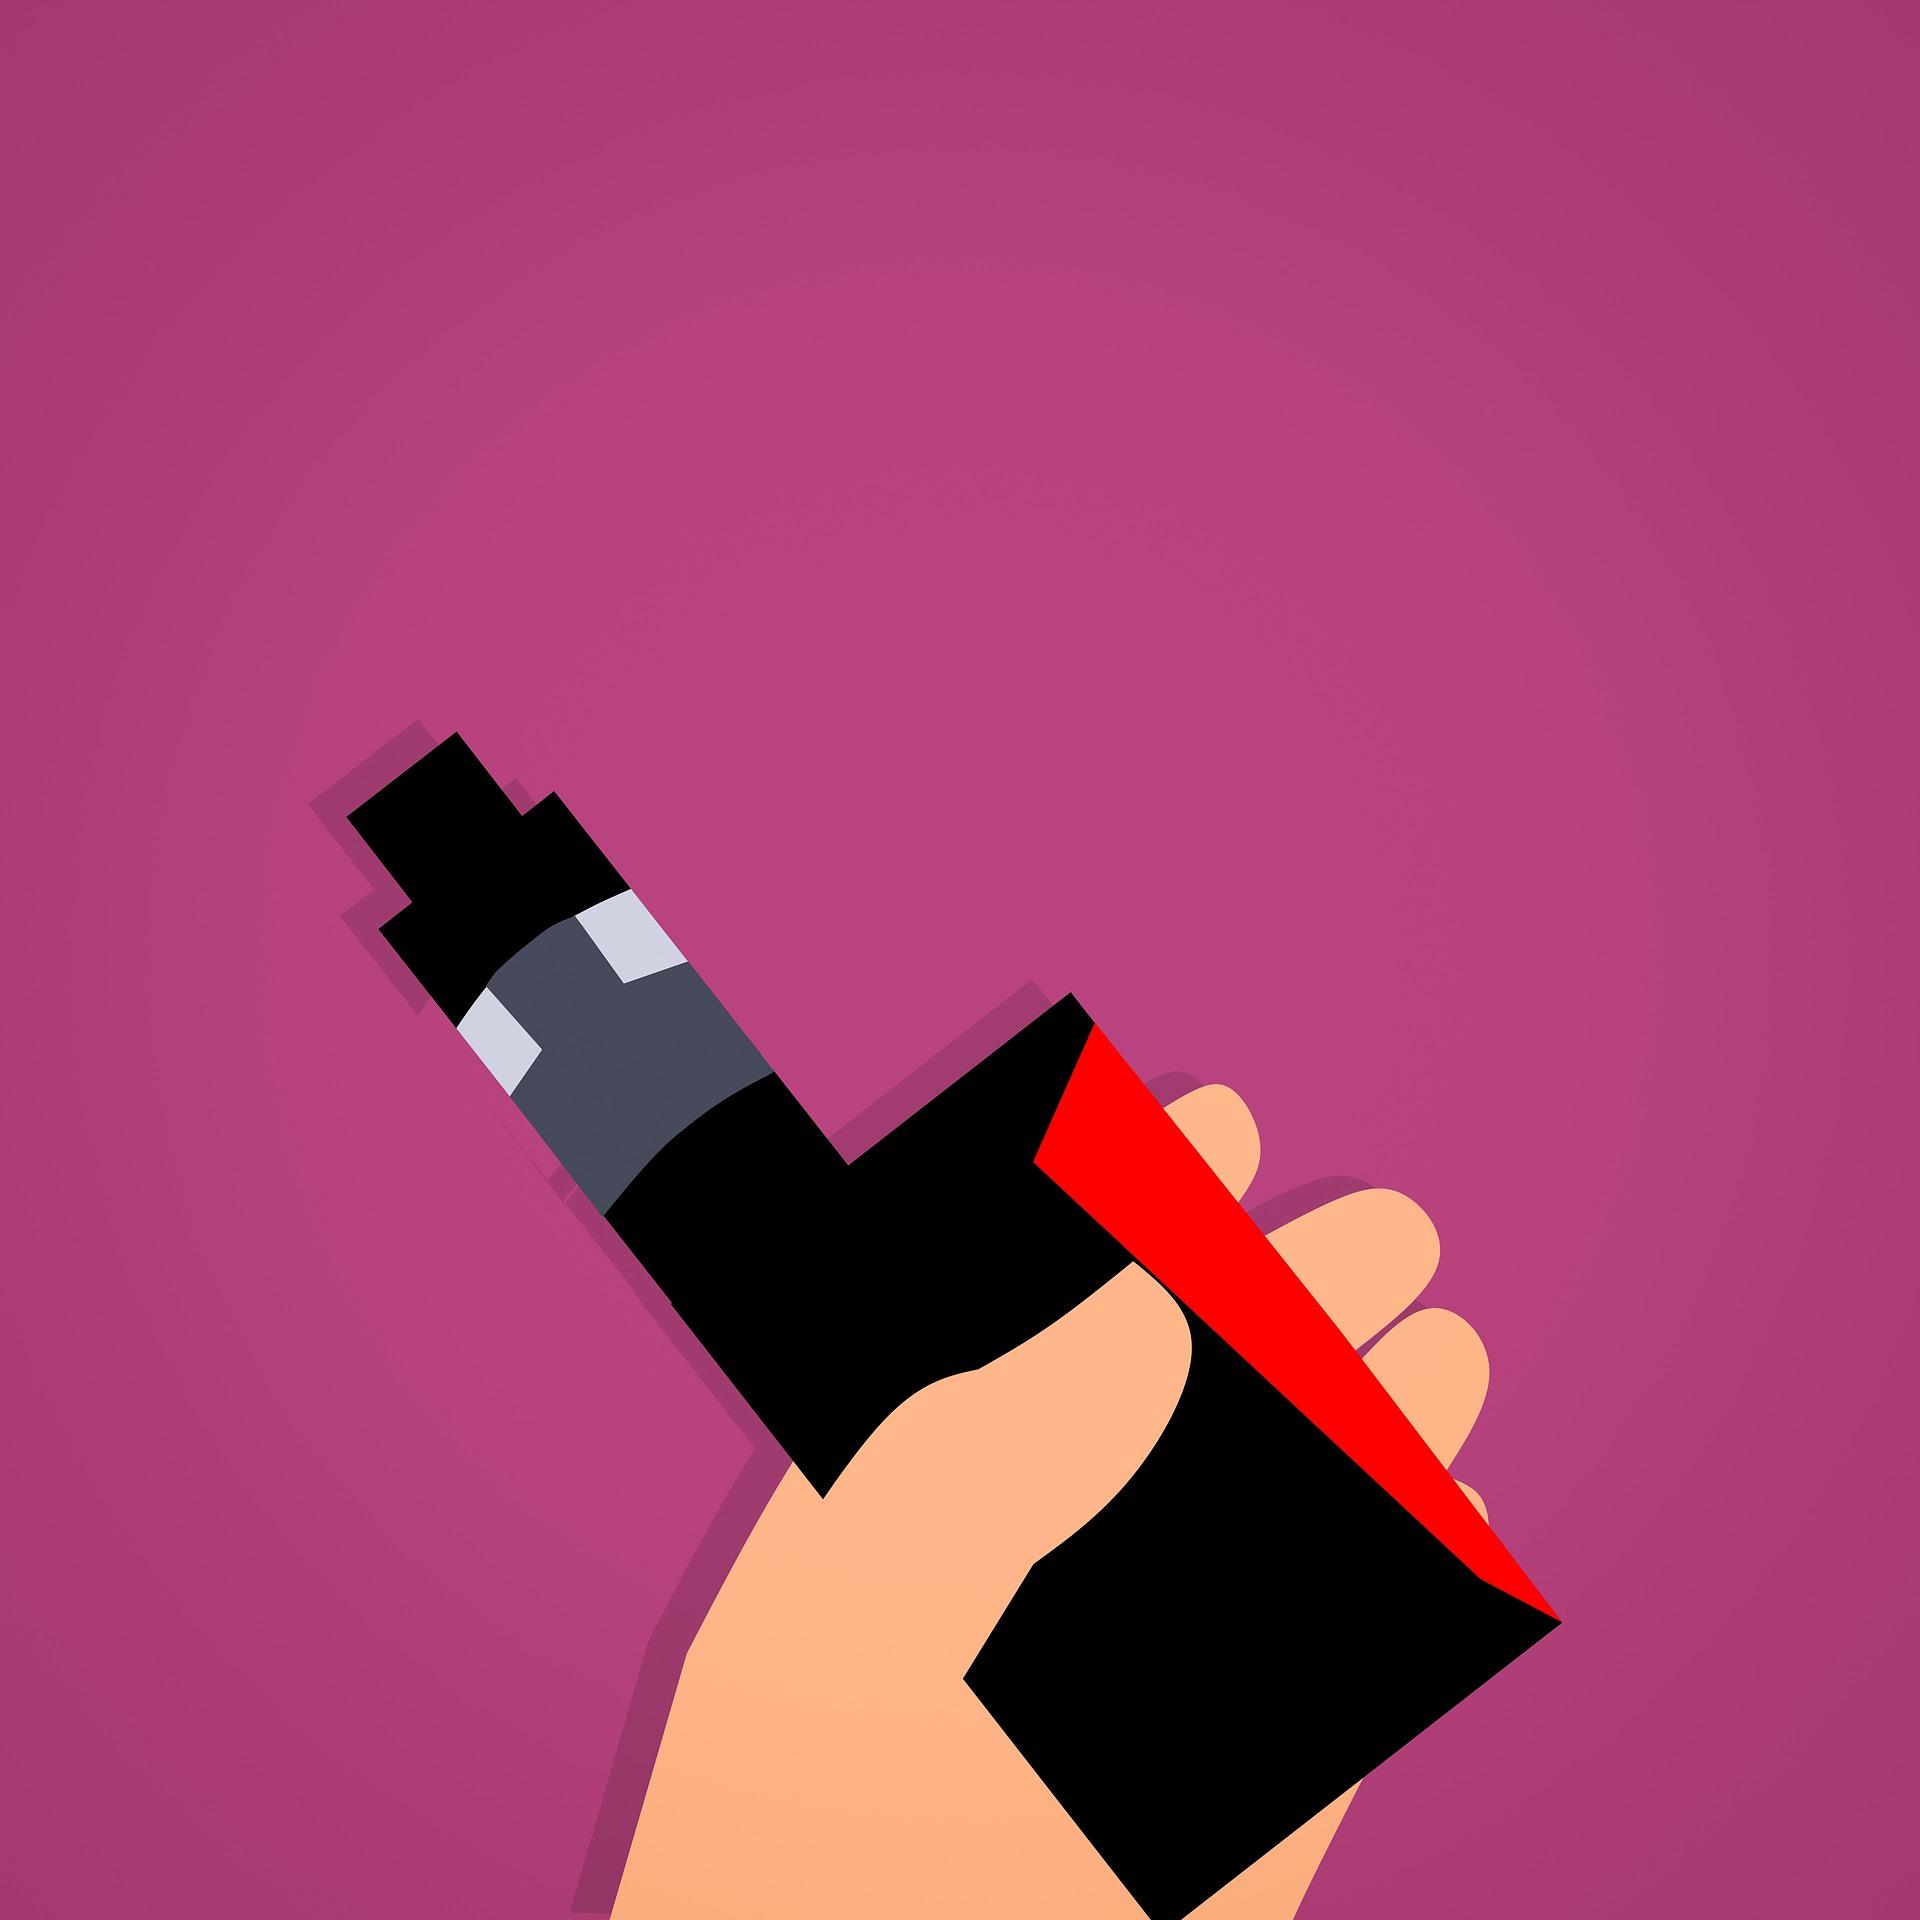 [e-cigarette illustration]